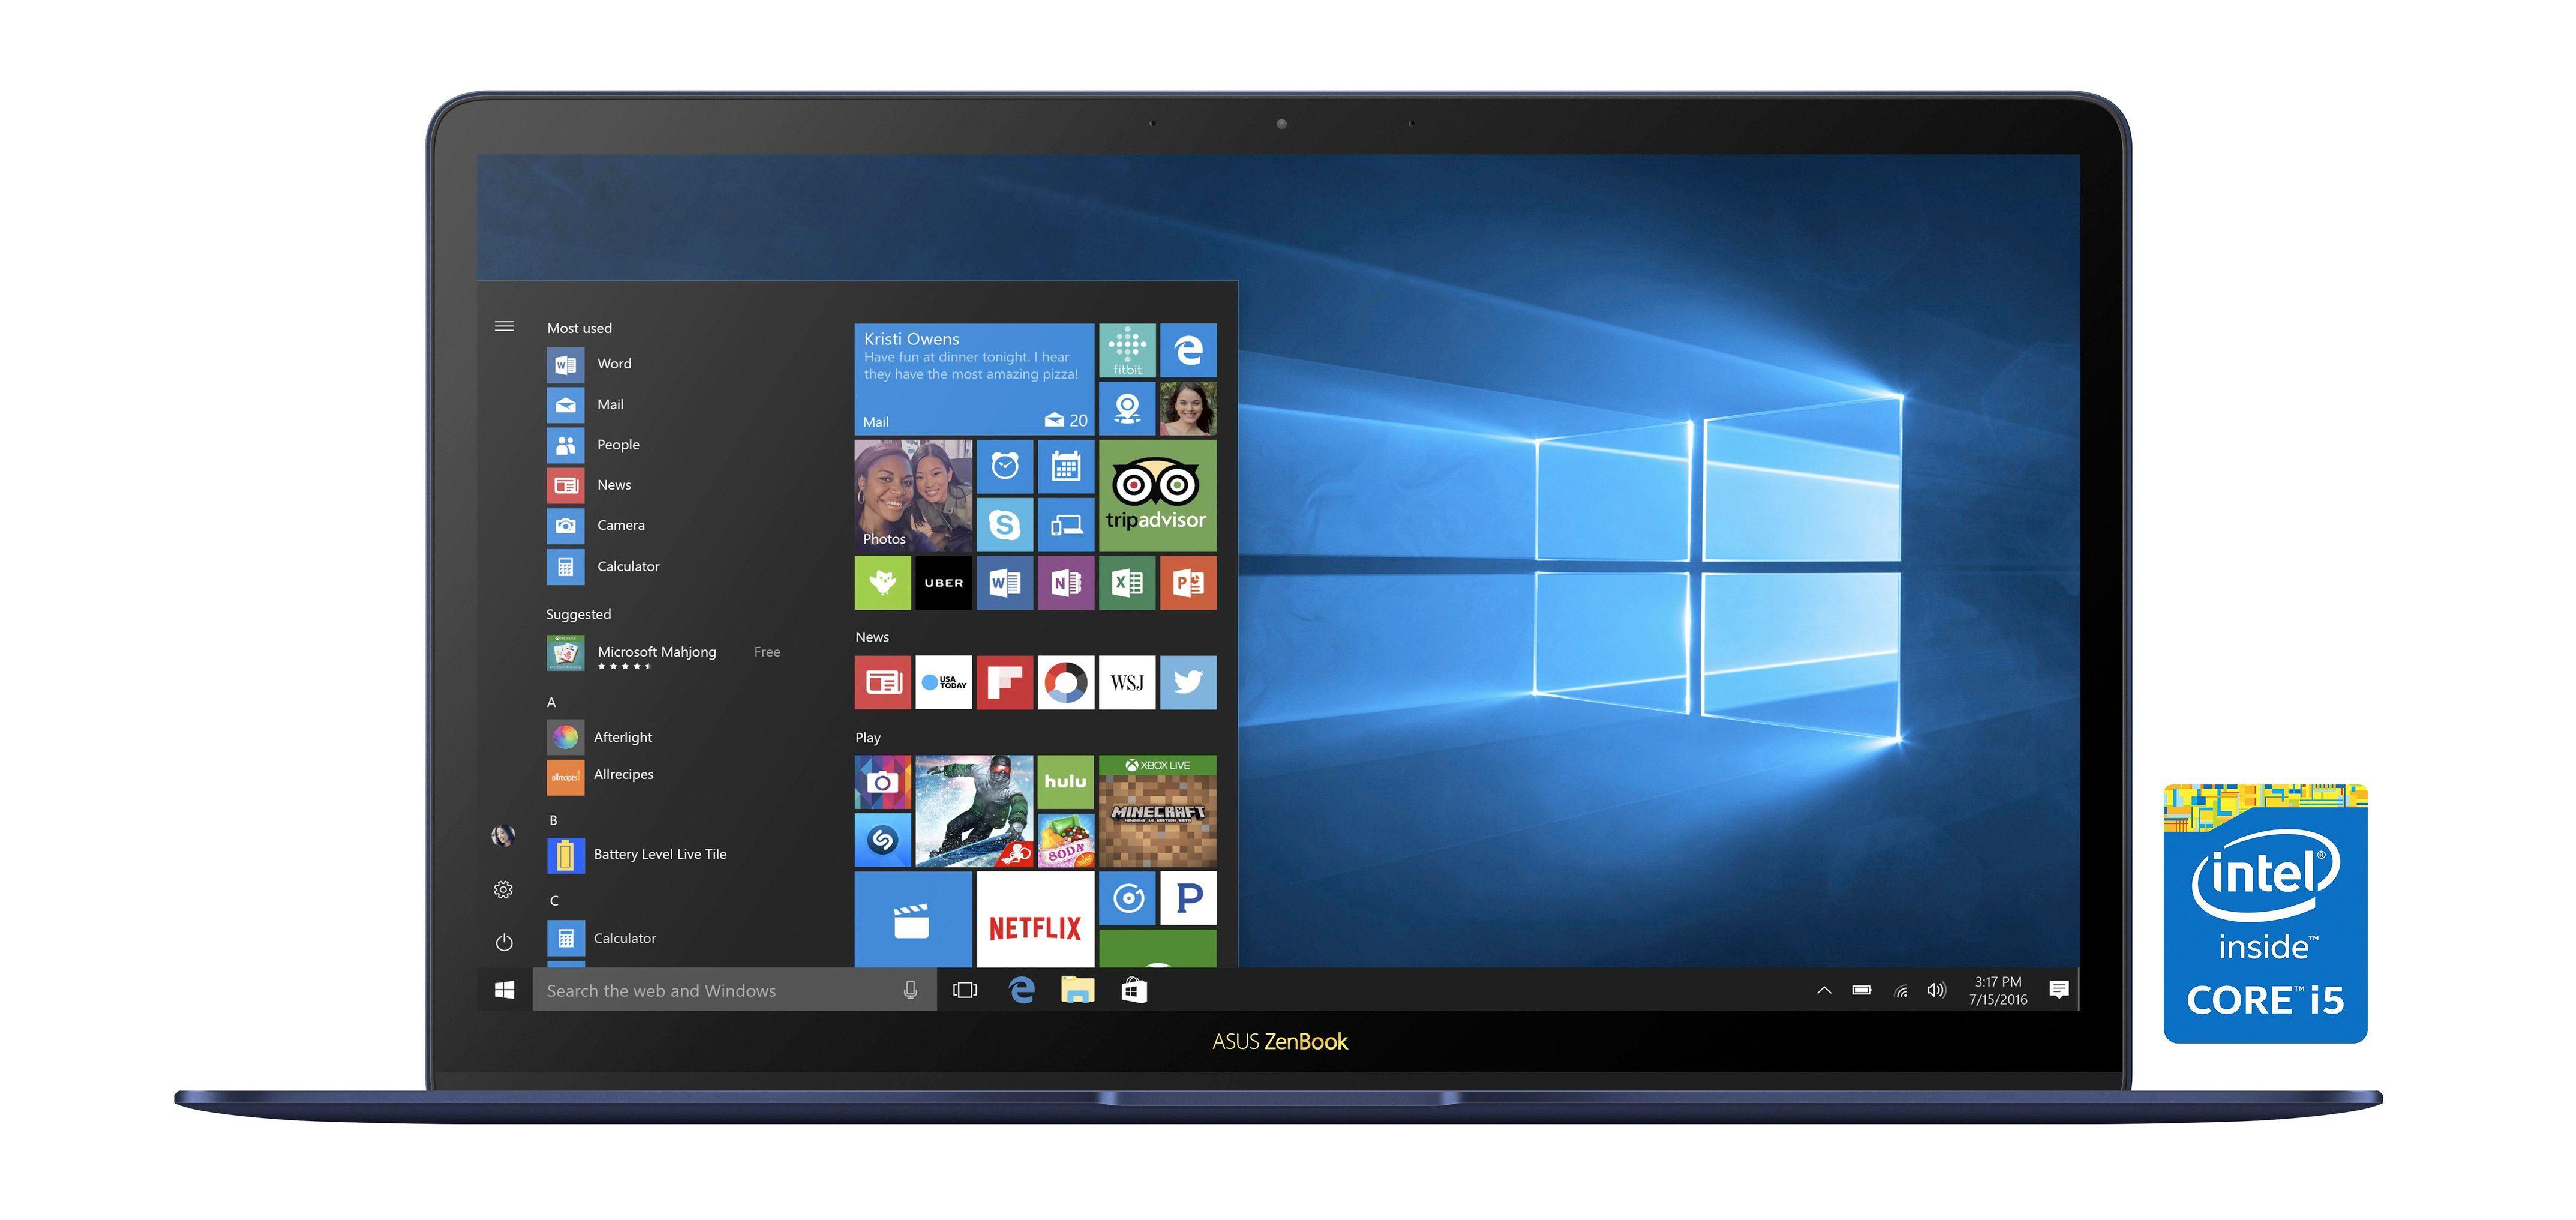 Asus Notebook/Ultrabook »ZENBOOK 3 DELUXE I5-7200U 2.5G«